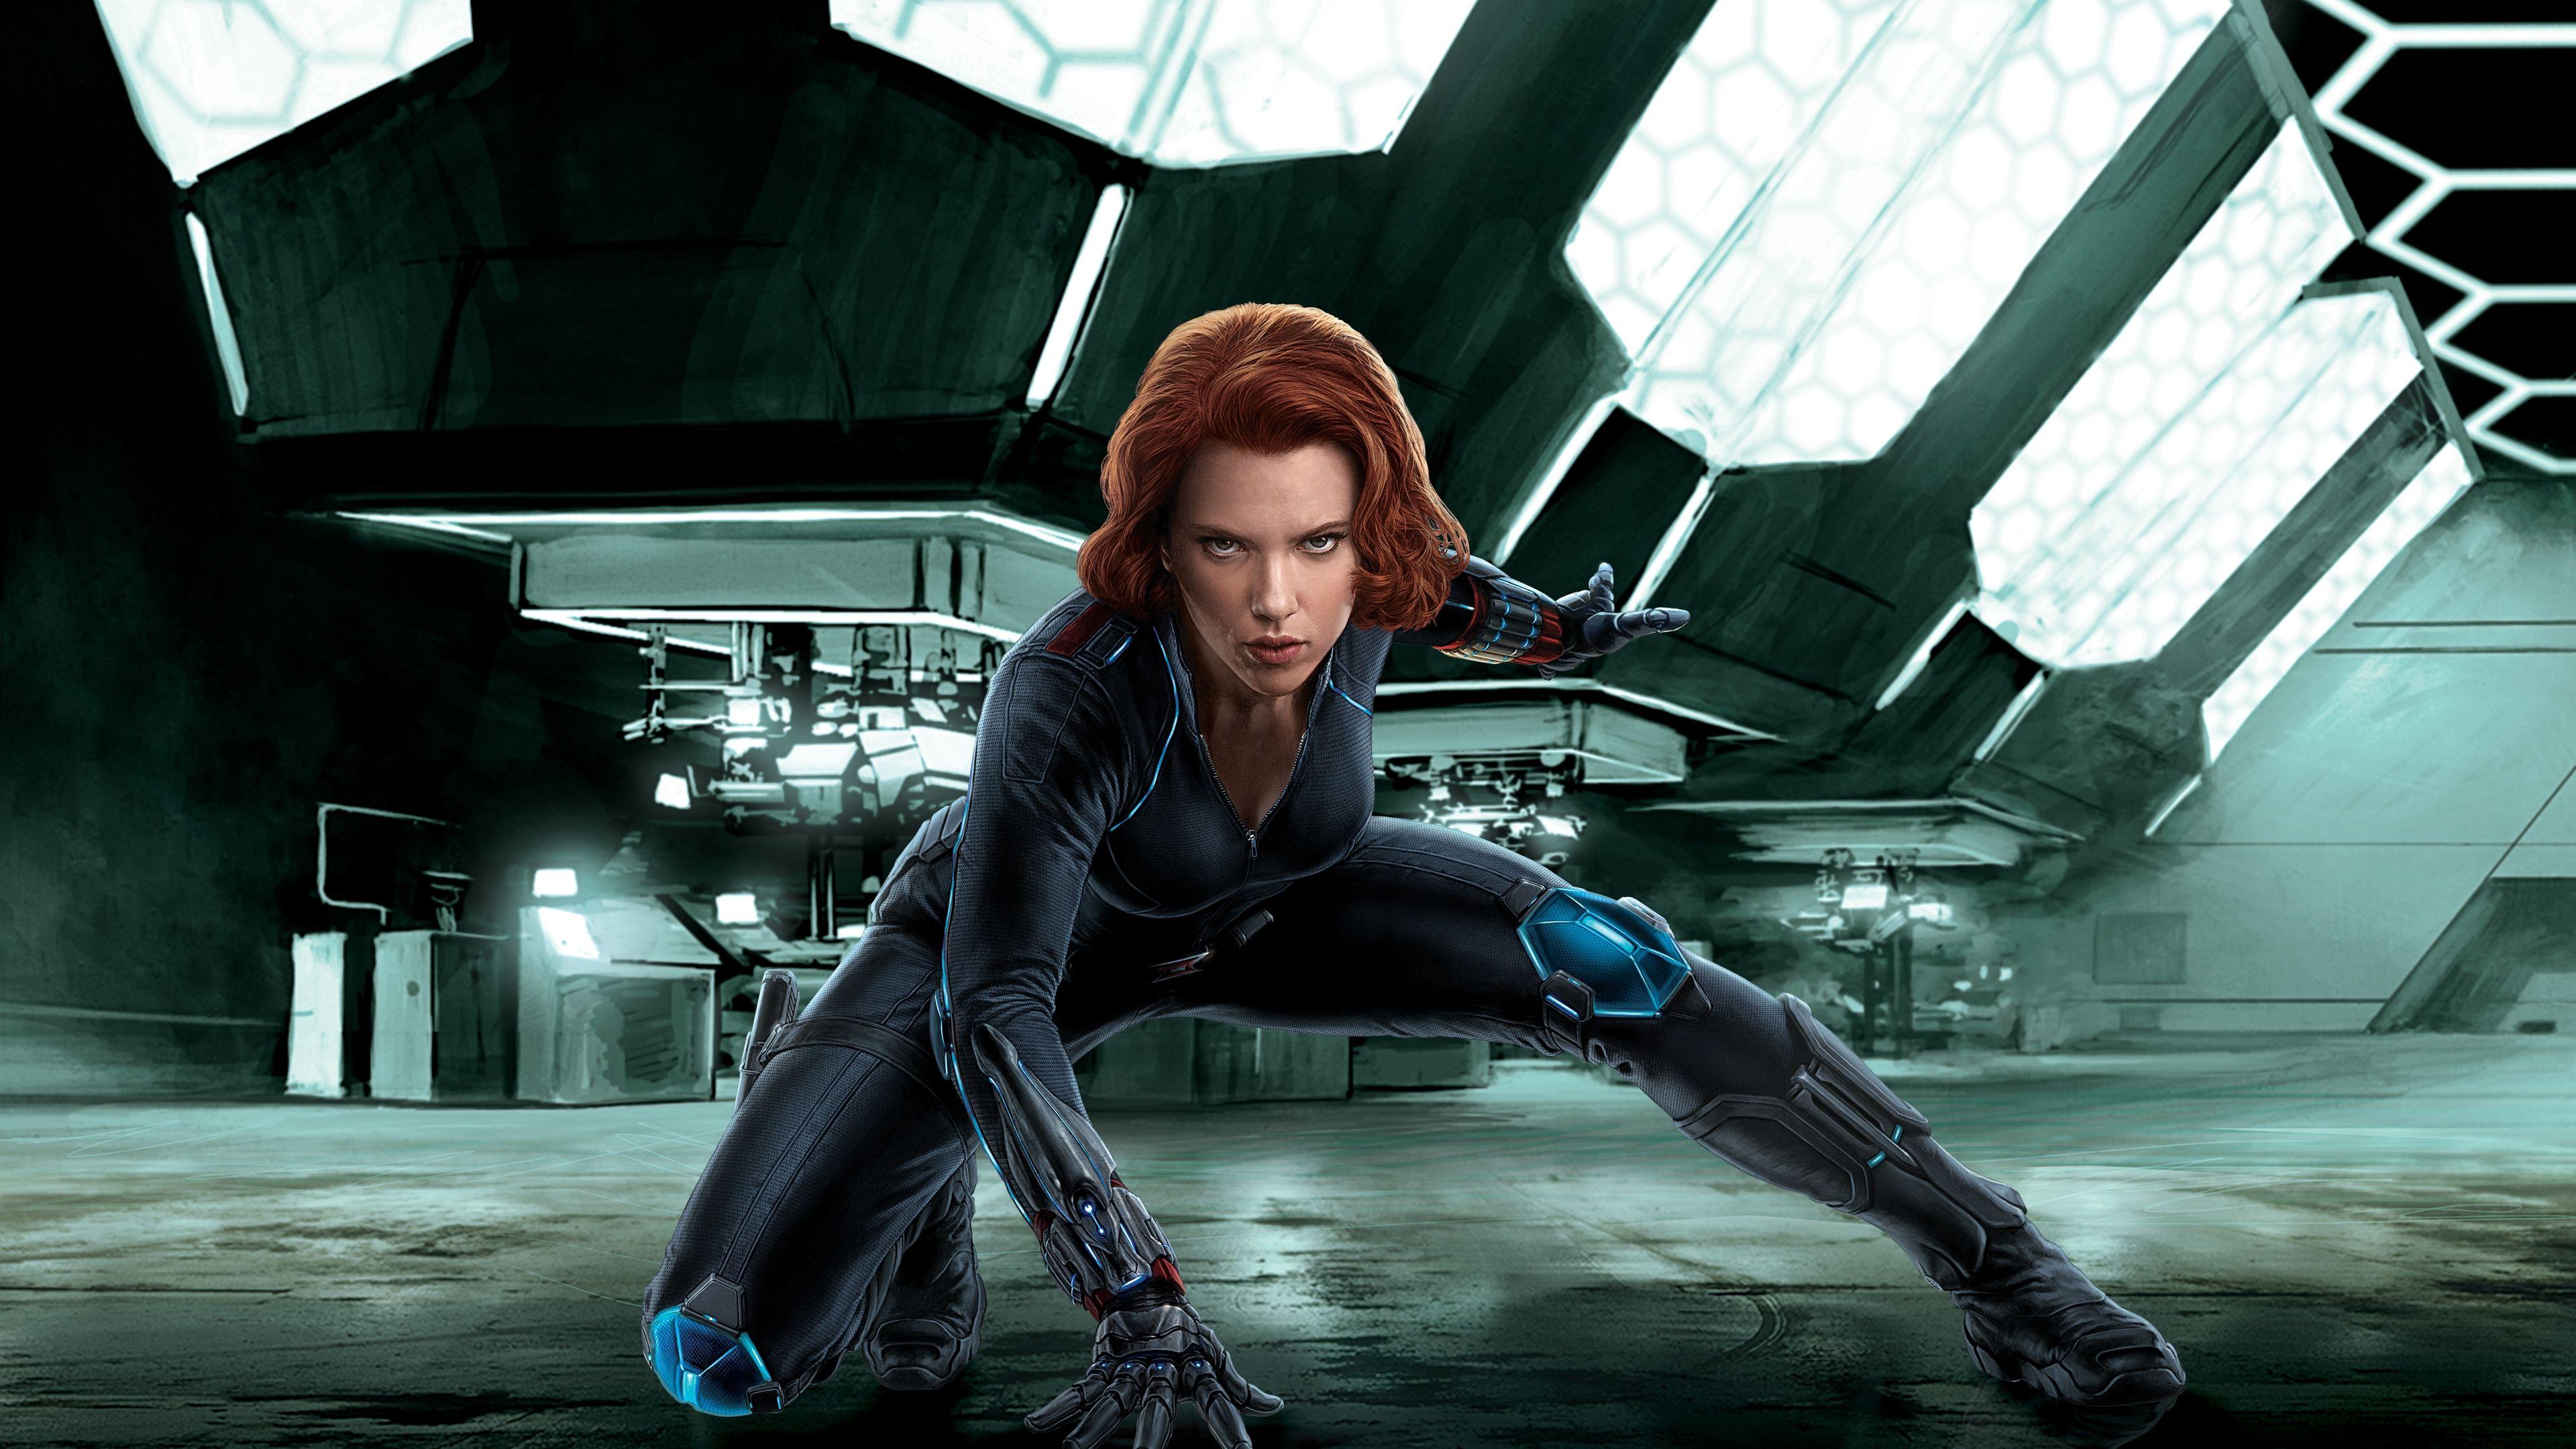 Black Widow 5k Superheroes Wallpapers Hd Wallpapers